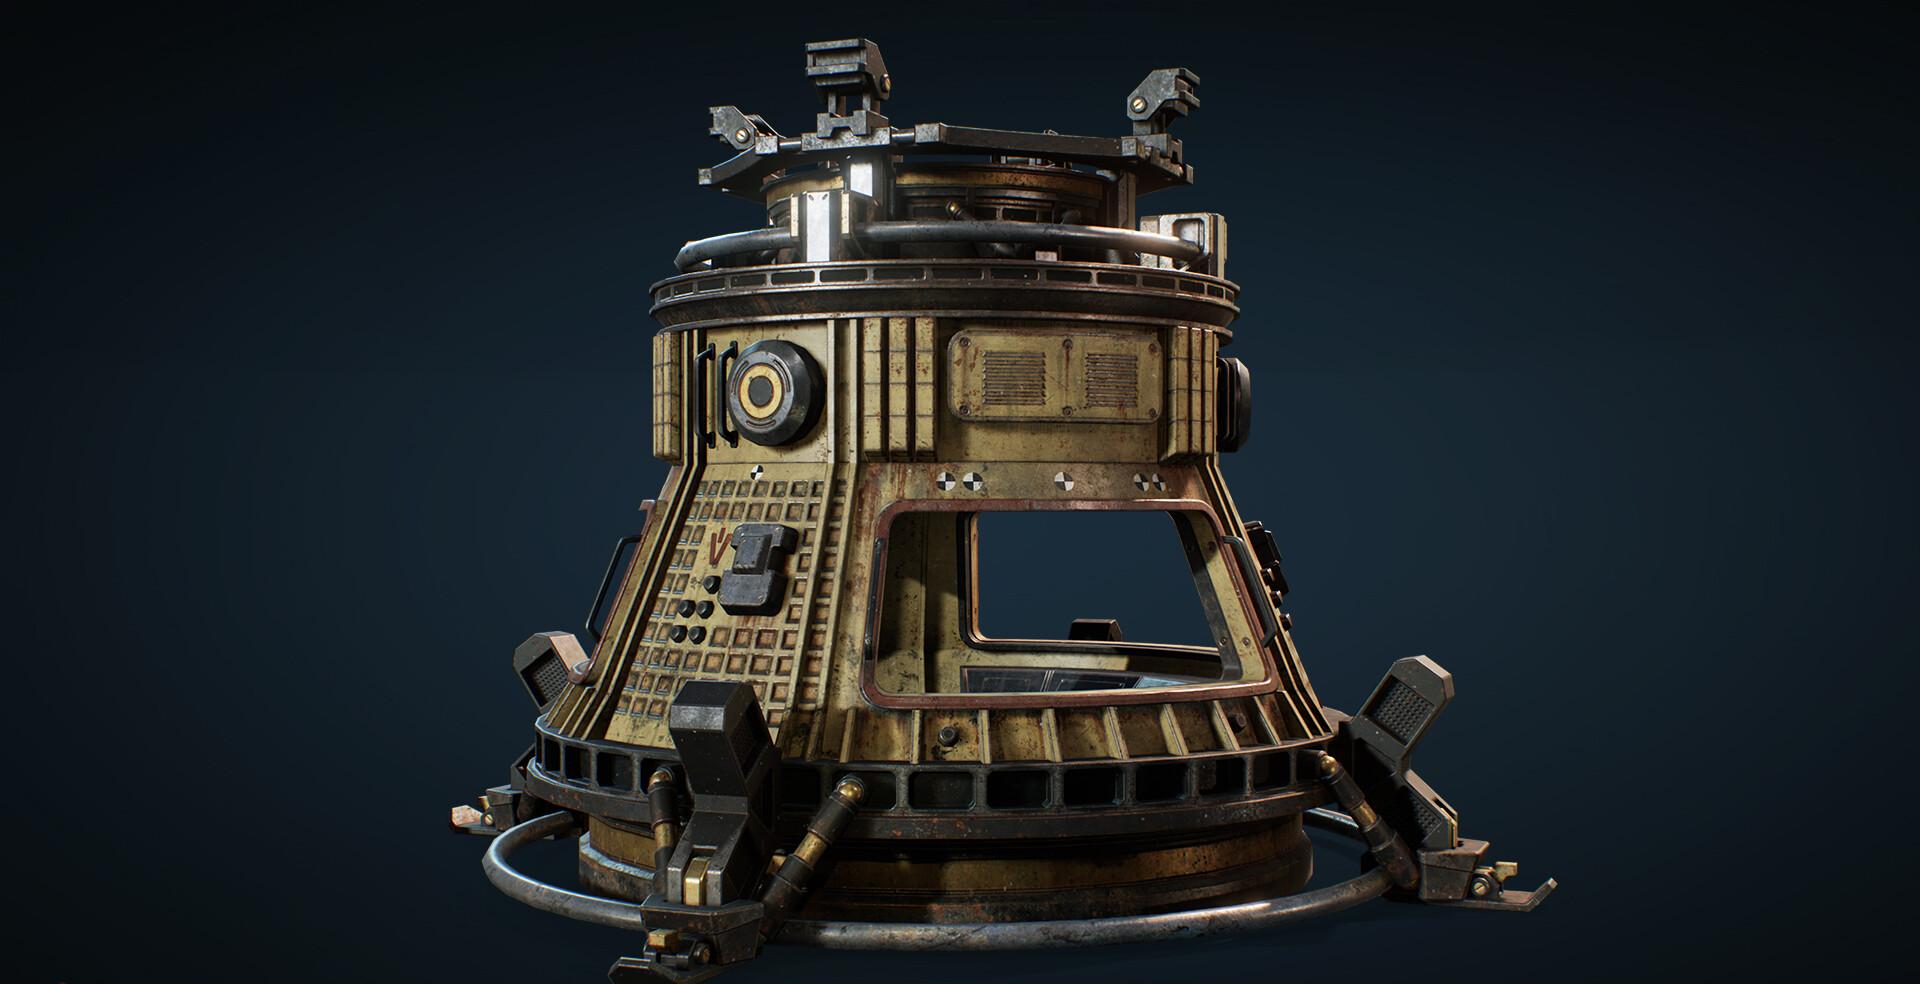 UIR Space Capsule